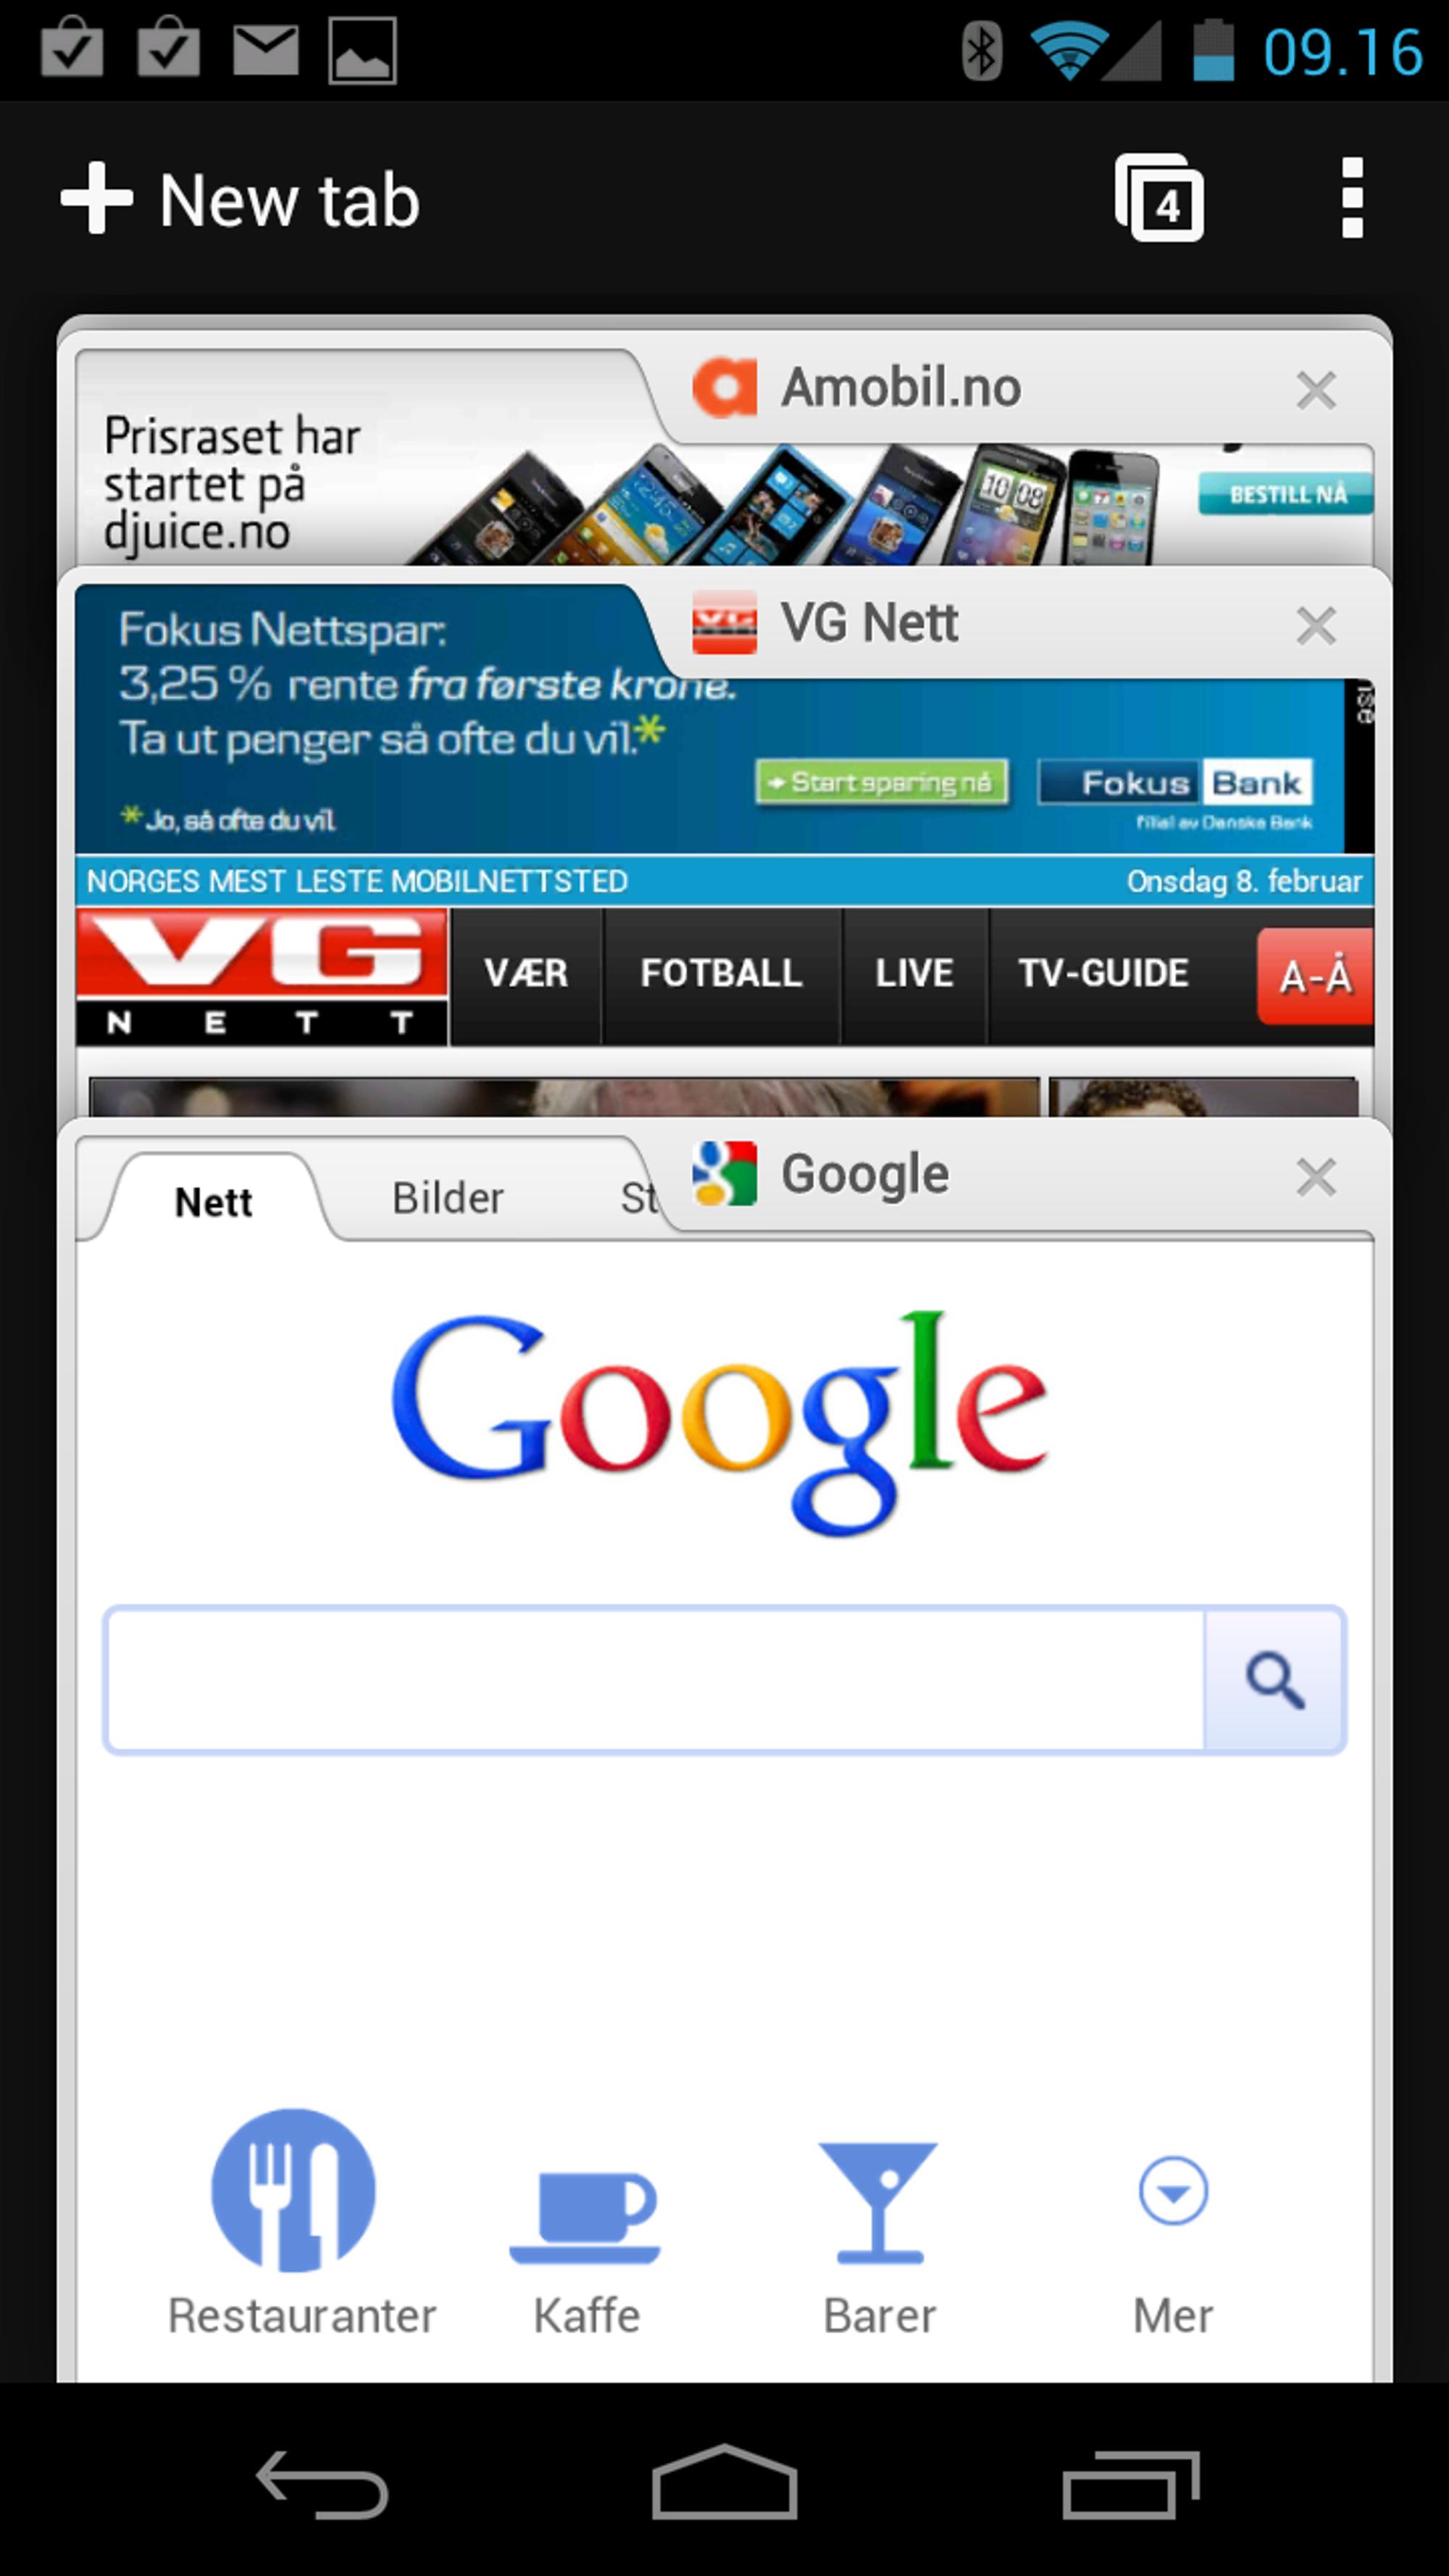 2e082627b SNIKTITT: Google lanserer Chrome for Android - Tek.no